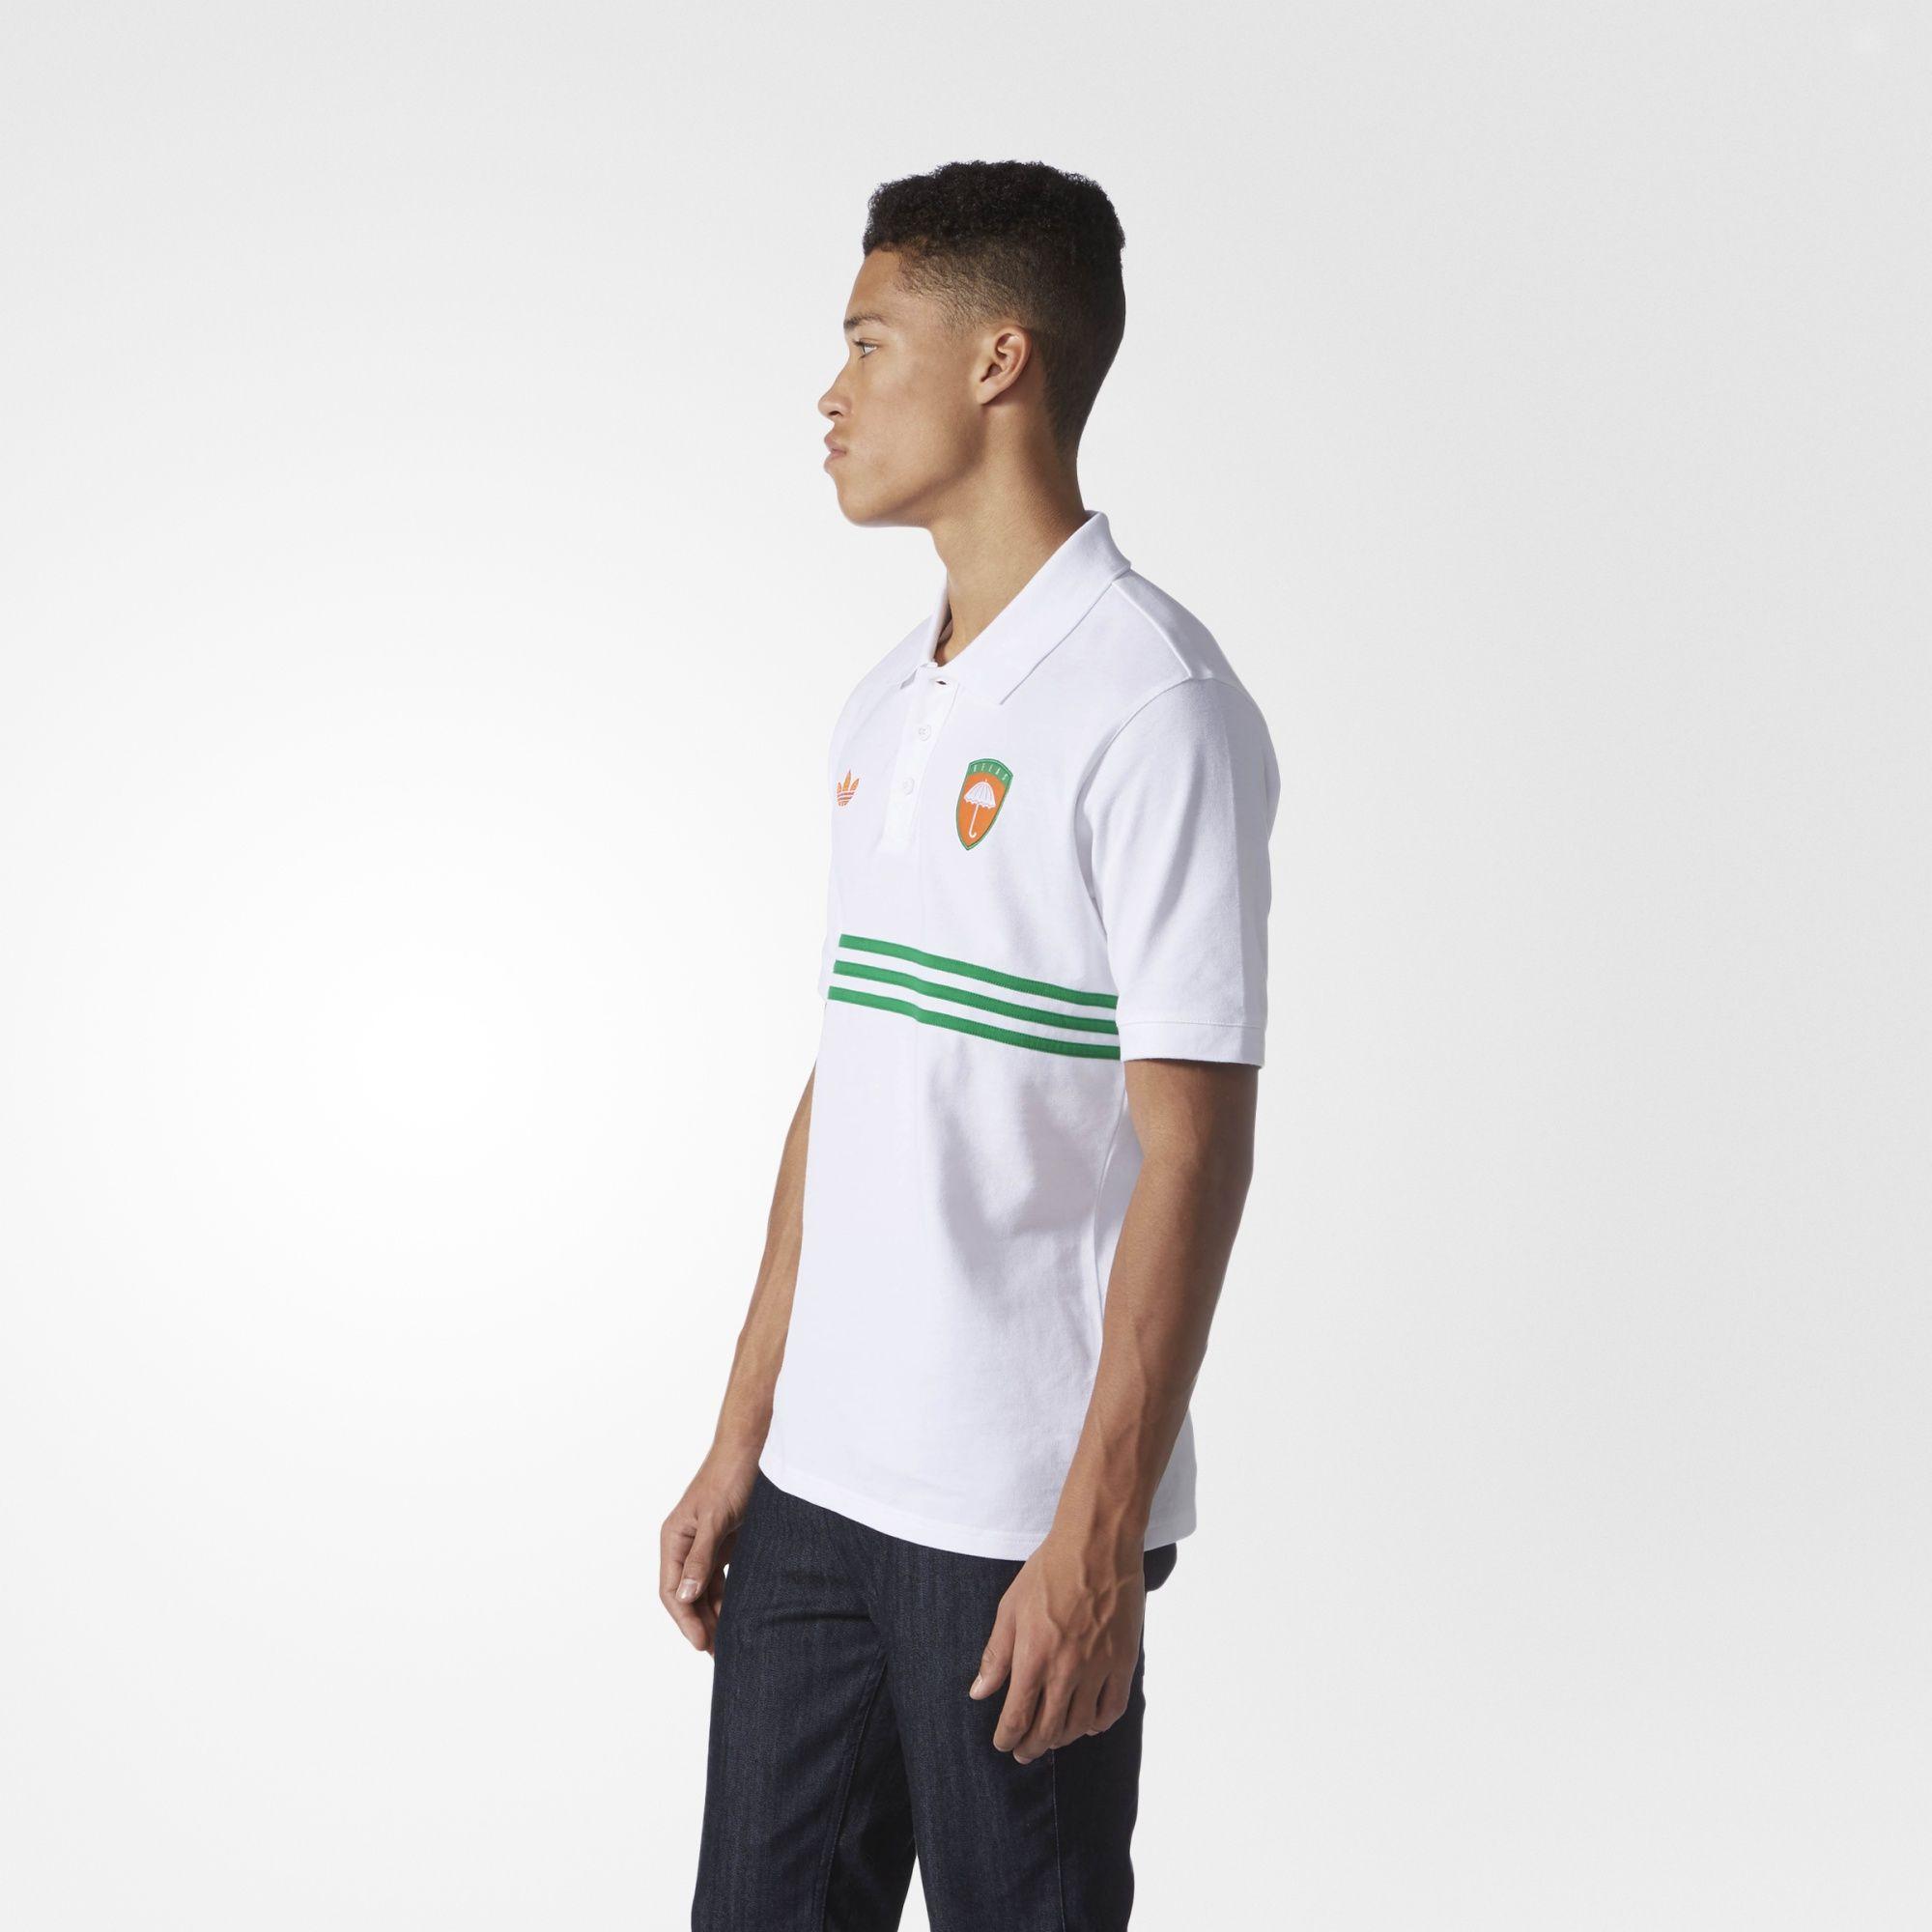 Helas PoloShirts MenShirtsMens Adidas Tops X redWxCBo